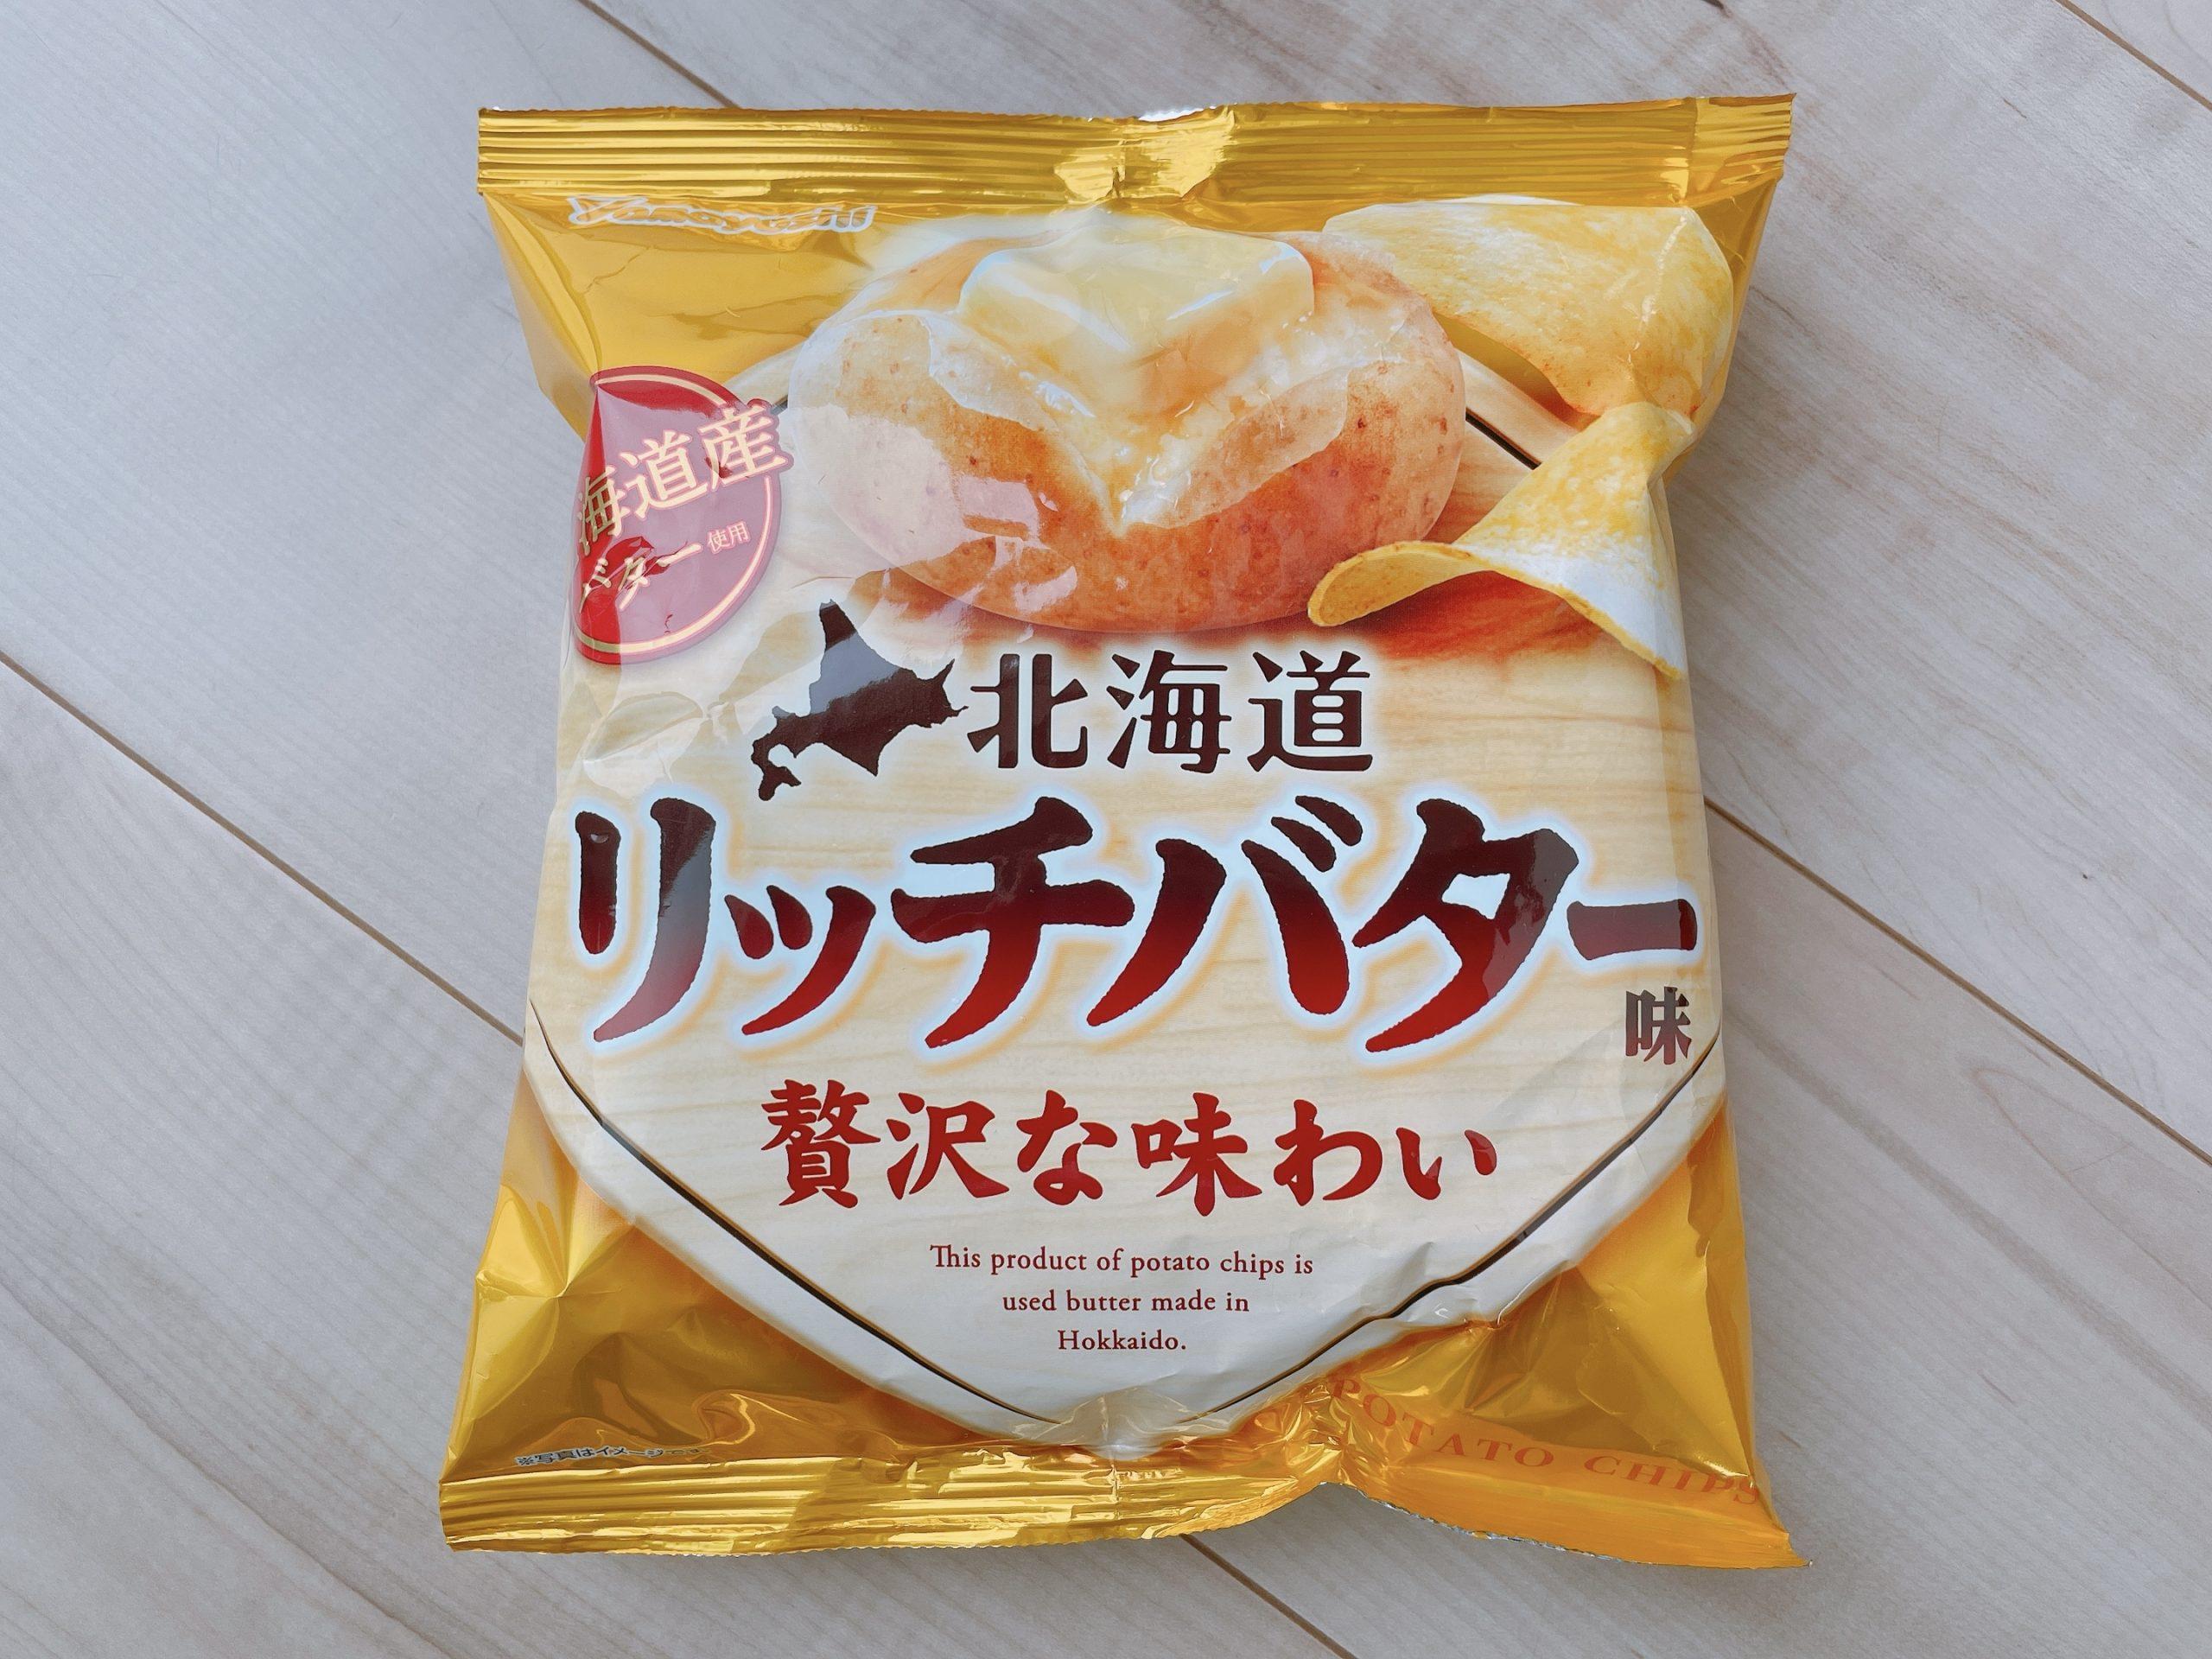 ポテトチップス<北海道リッチバター味>パッケージ